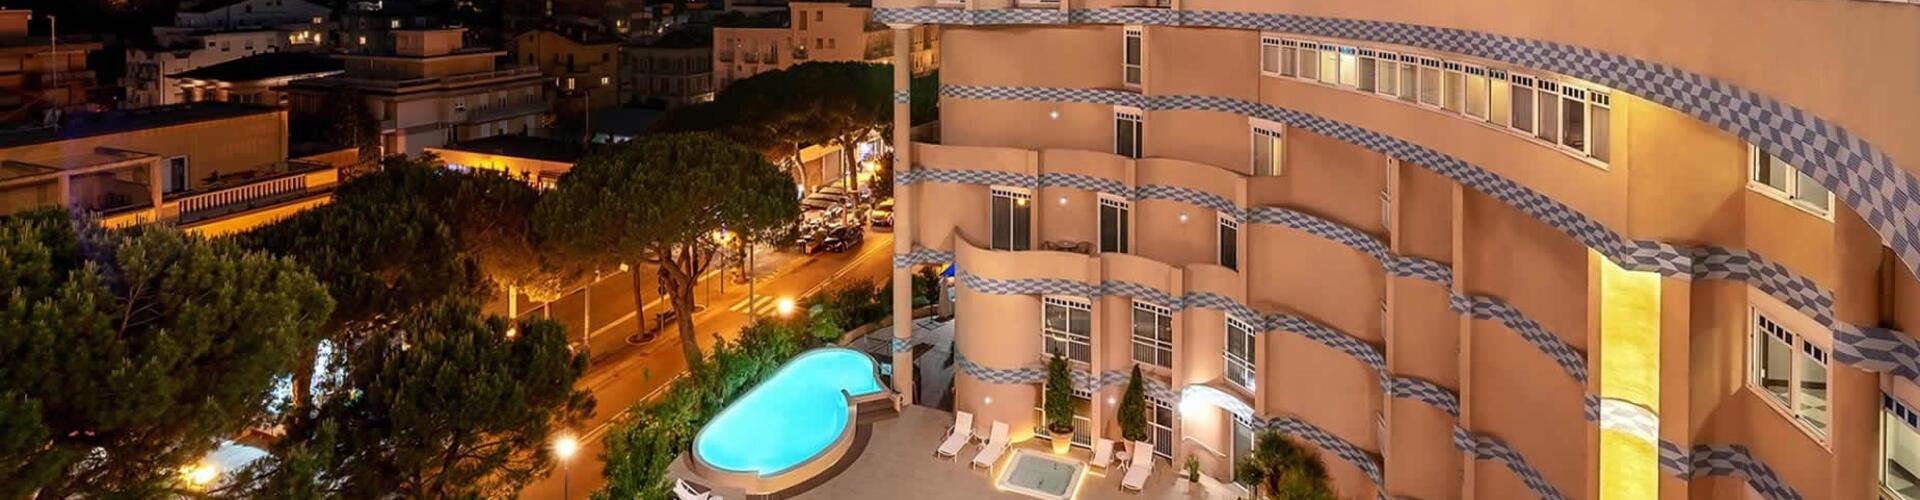 piazzahr en hotels 001